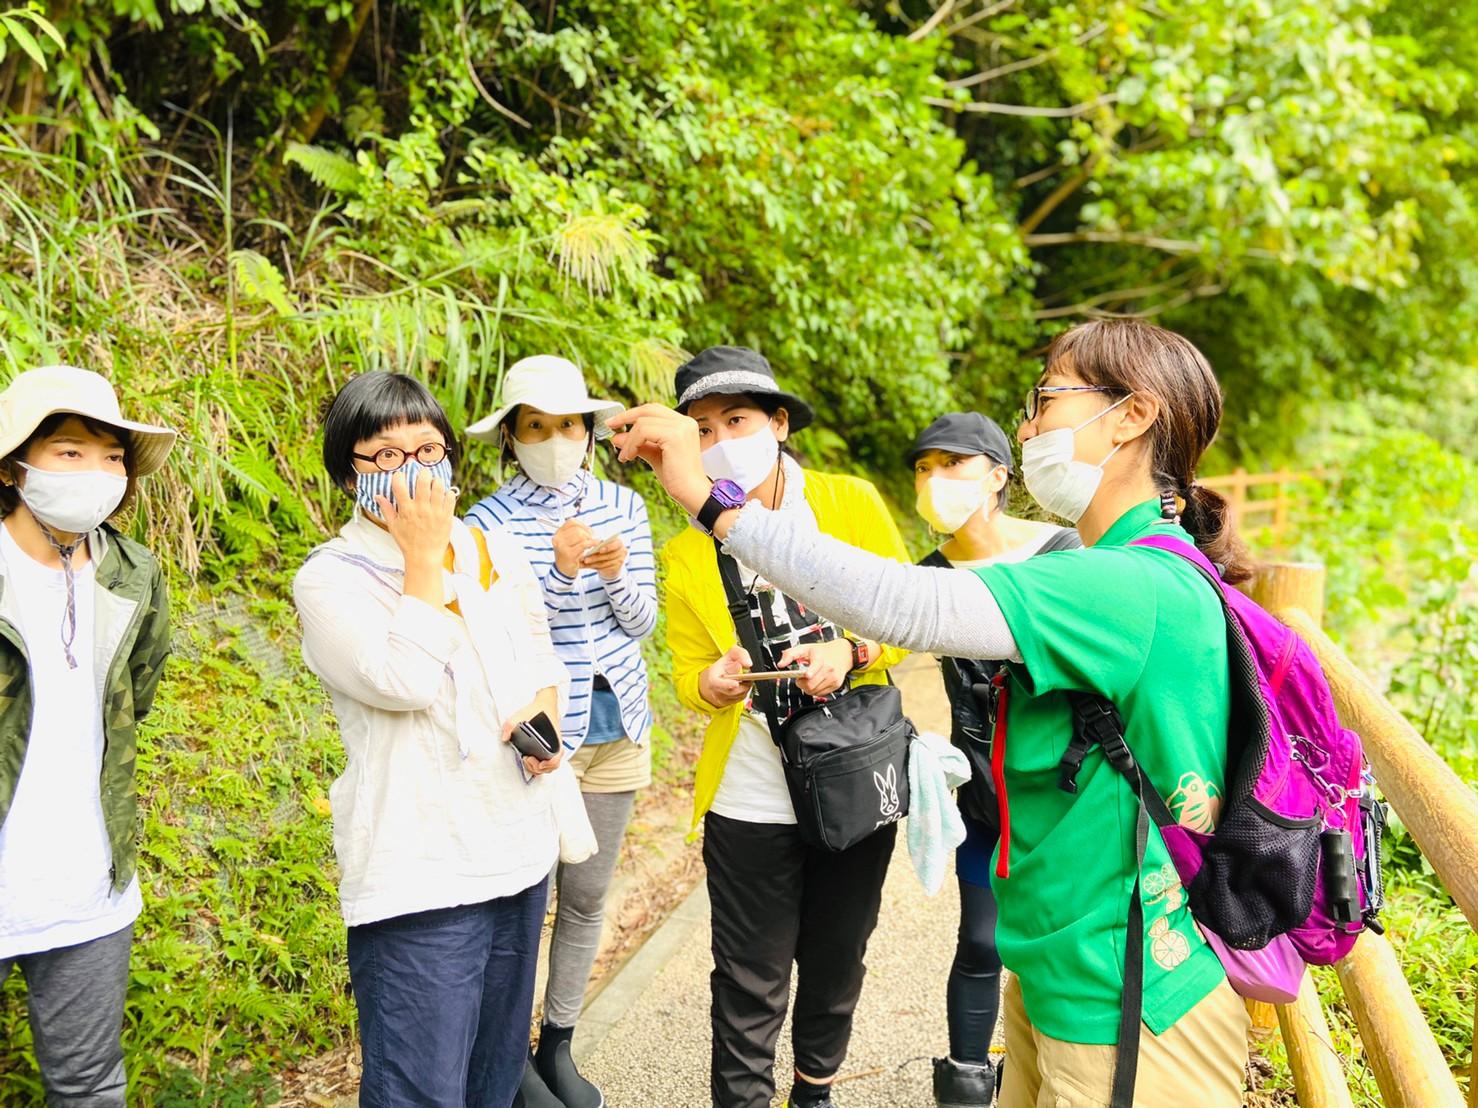 ネイチャーガイドと歩く森林公園ツアー